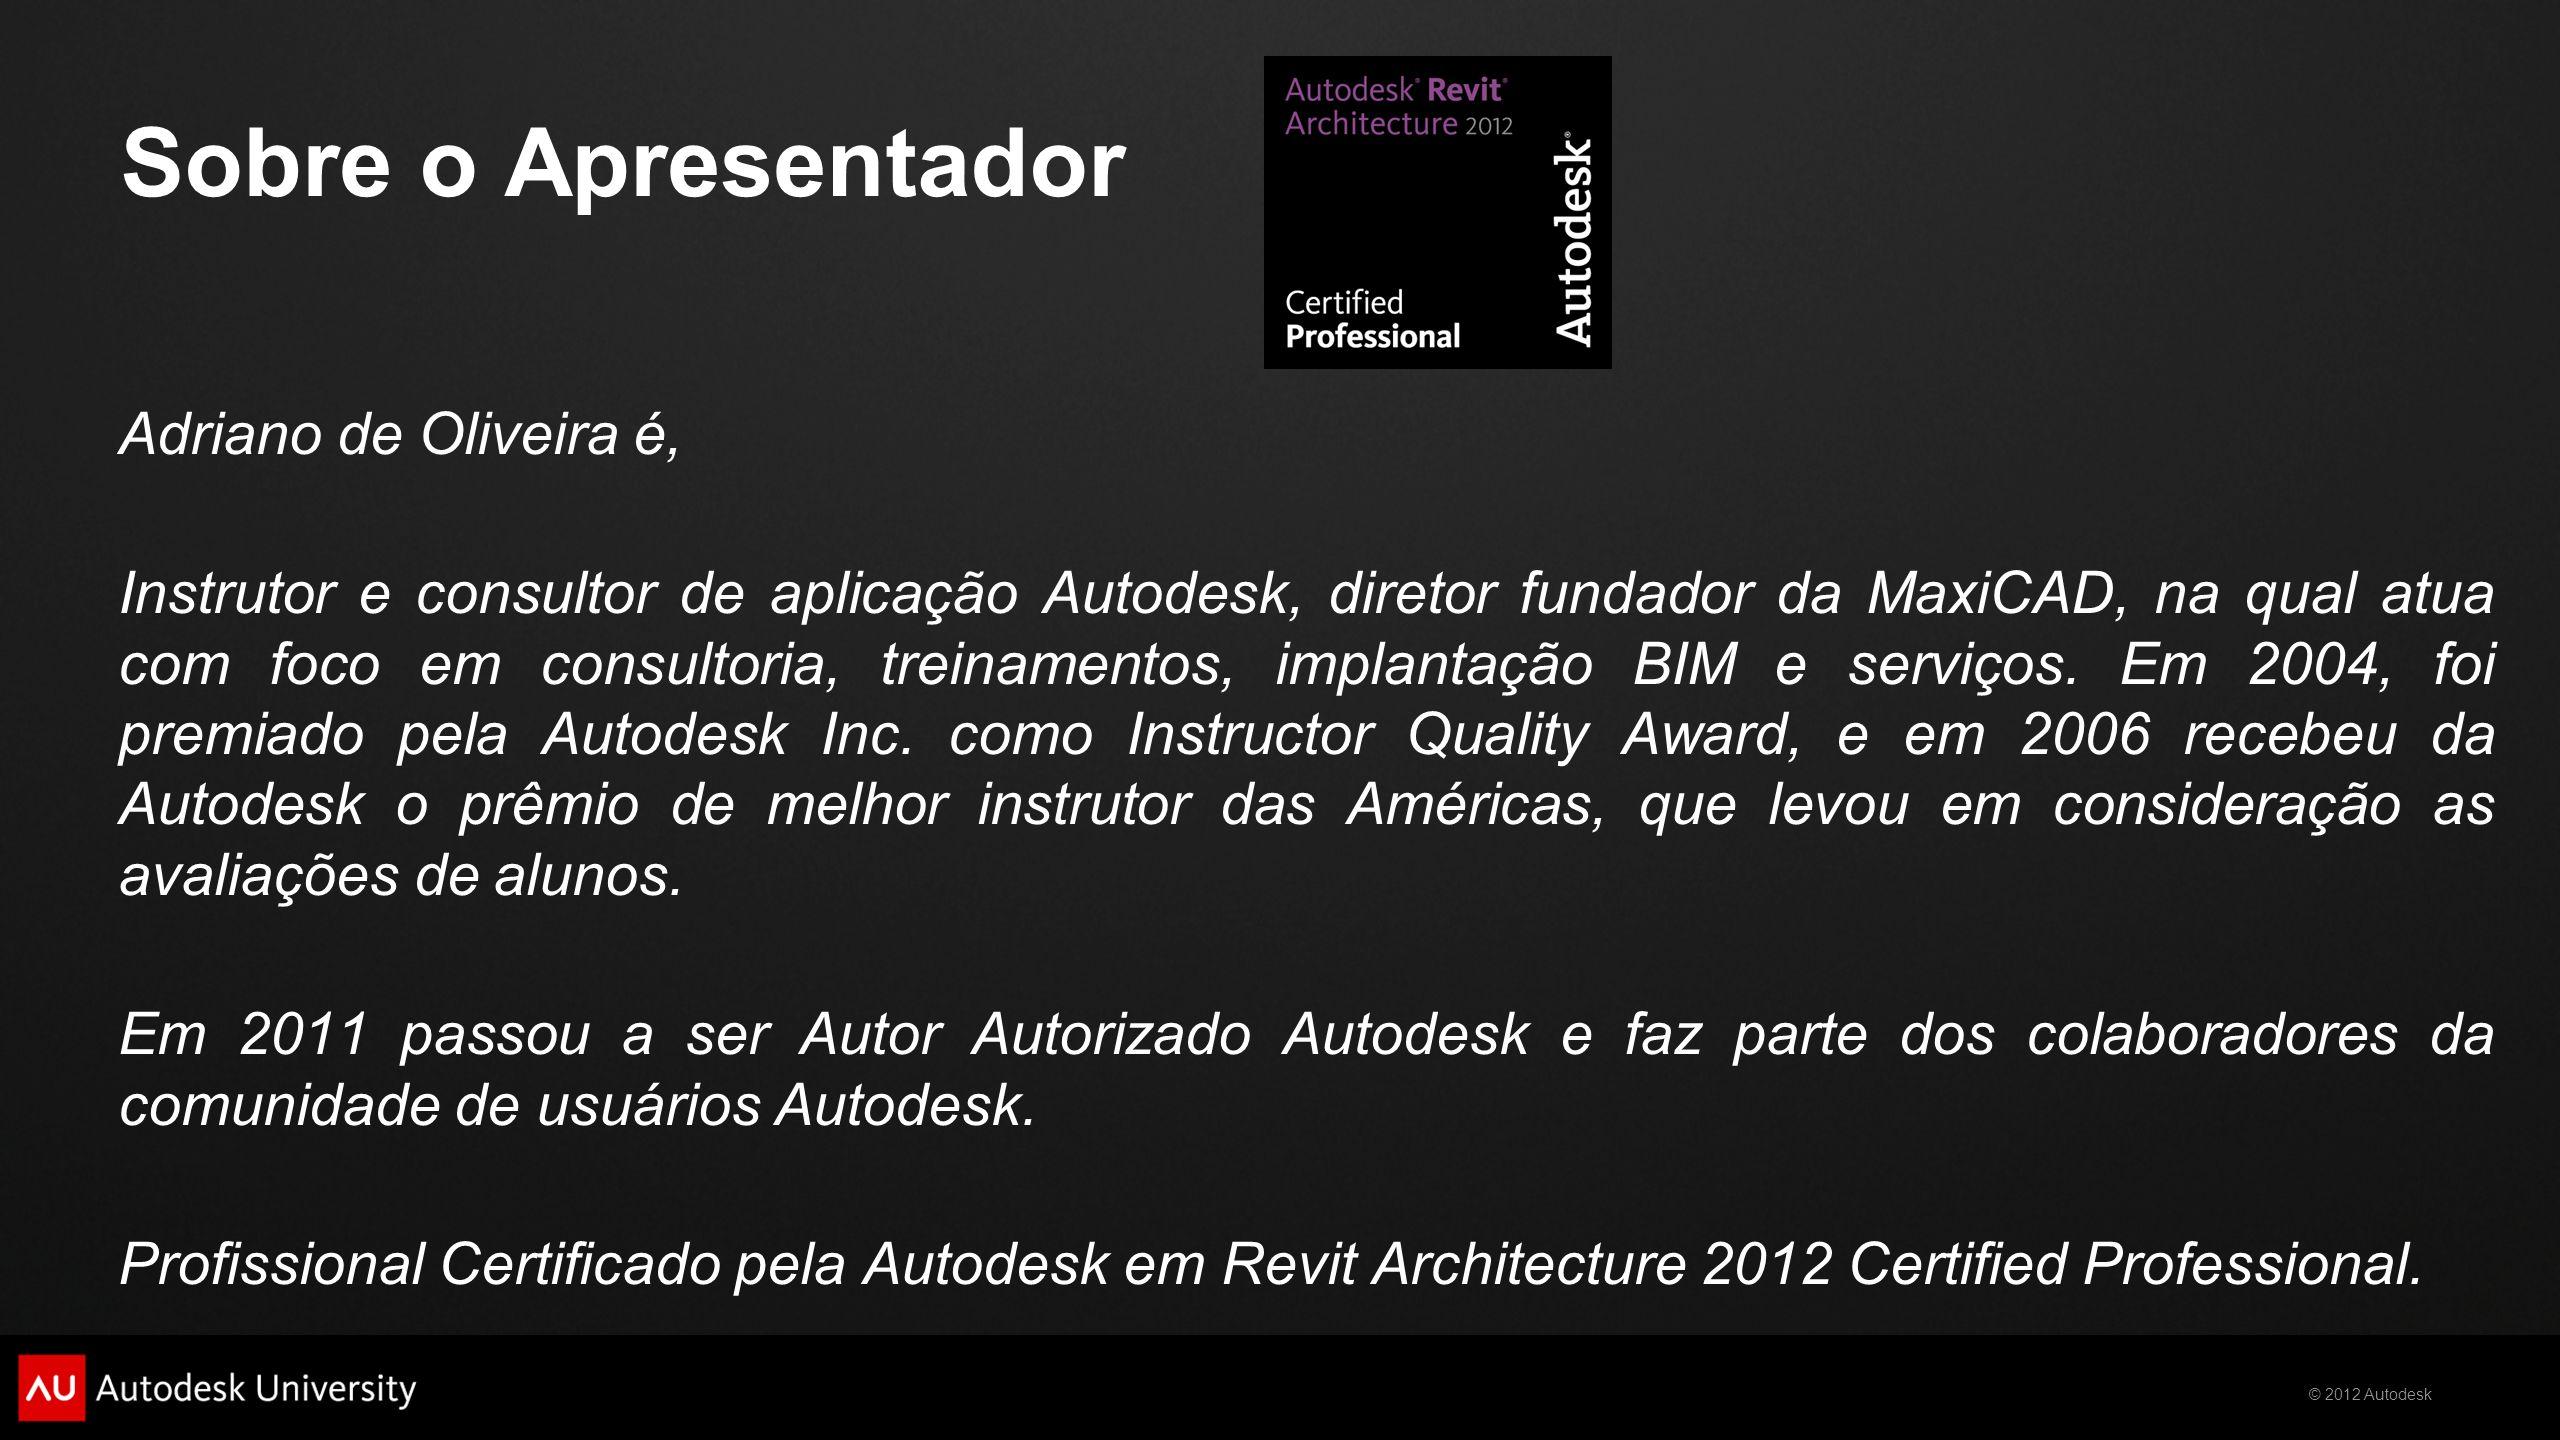 © 2012 Autodesk Sobre o Apresentador Adriano de Oliveira é, Instrutor e consultor de aplicação Autodesk, diretor fundador da MaxiCAD, na qual atua com